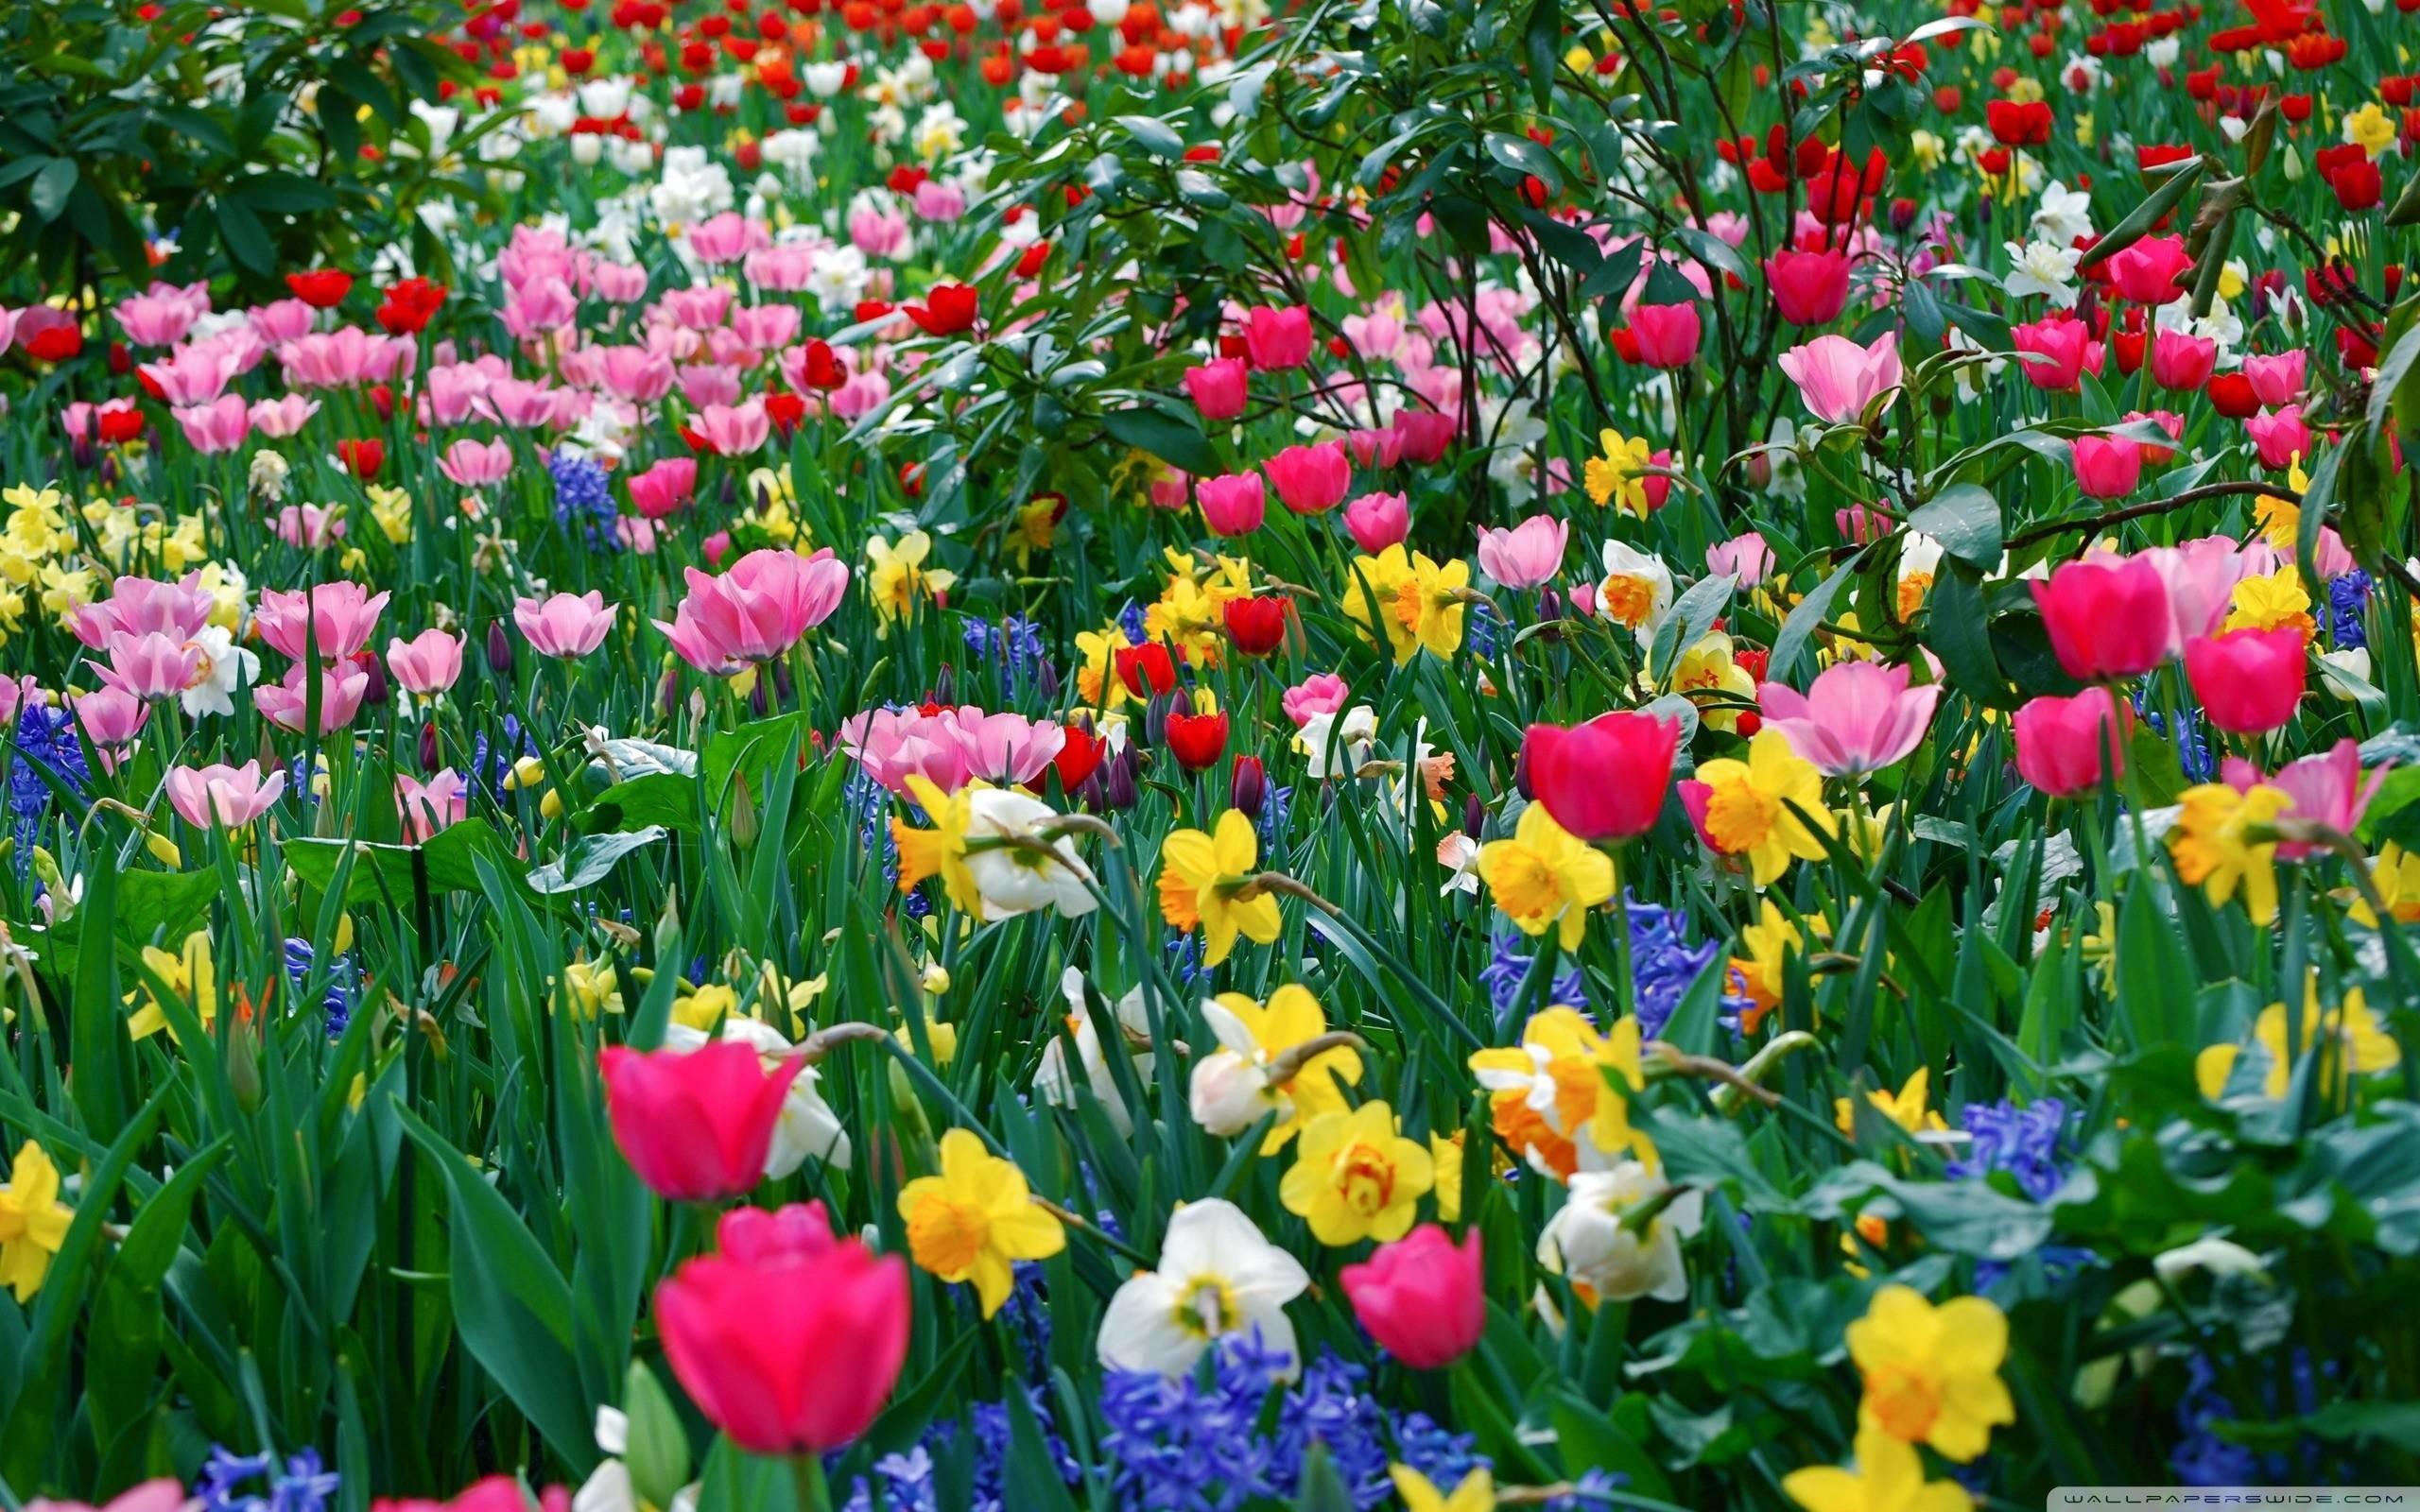 Widescreen Springtime Wallpaper Desktop Background As Wallpaper HD